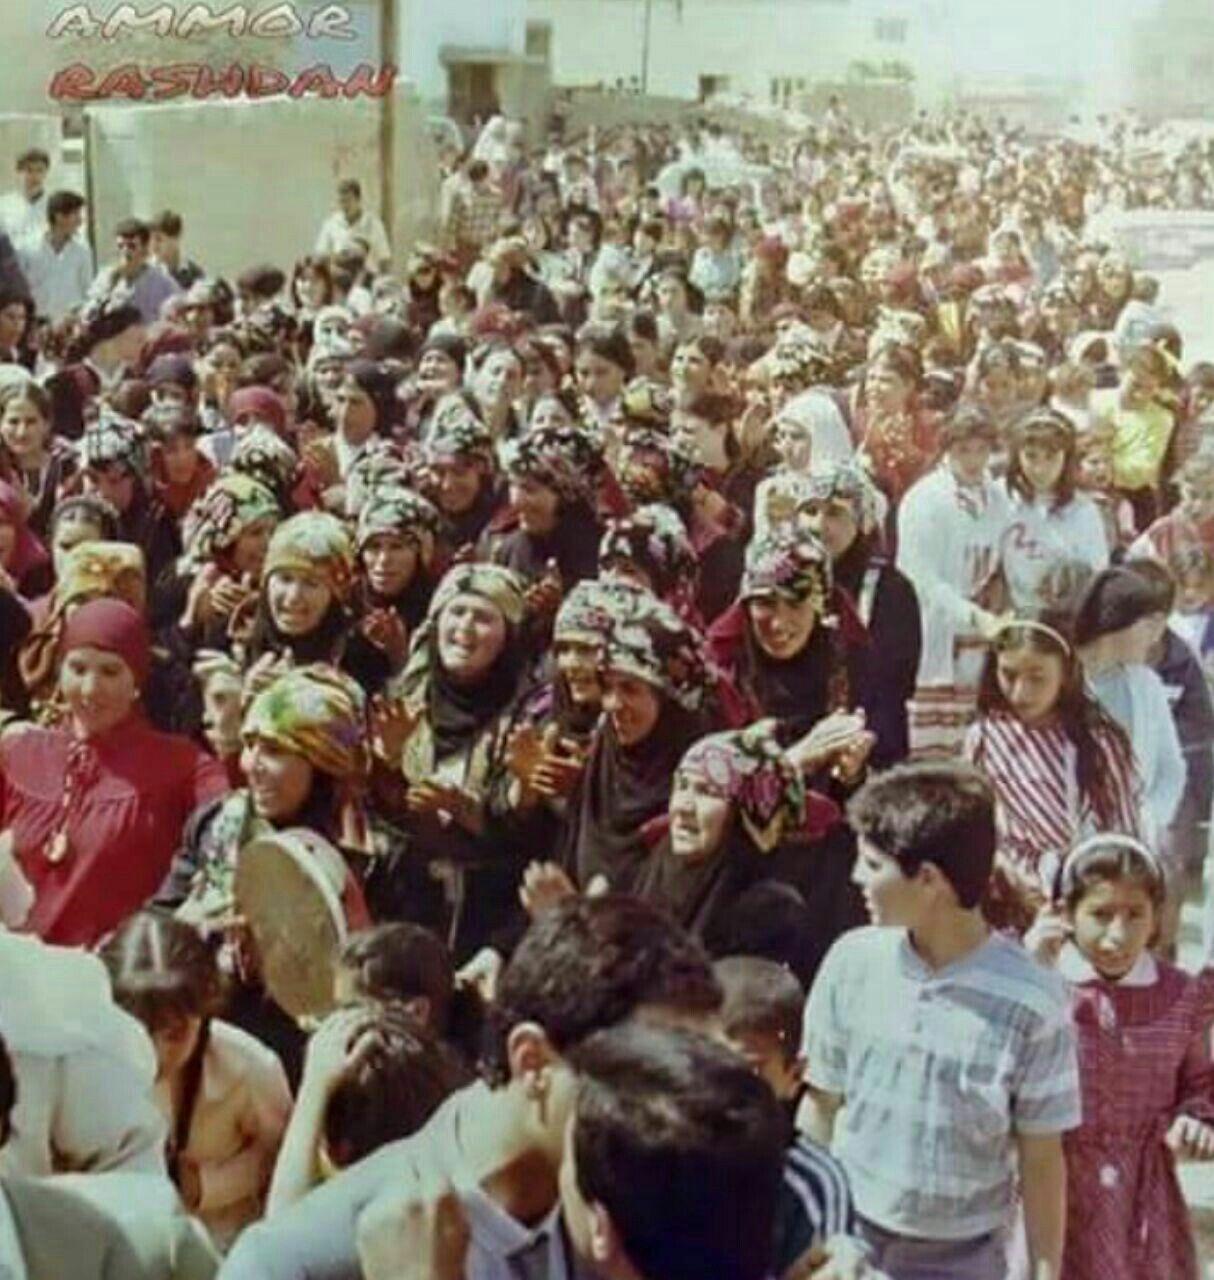 صورة من عرس أردني قديم من حفلات الفاردة في شمال الأردن Couple Photos Photo Face